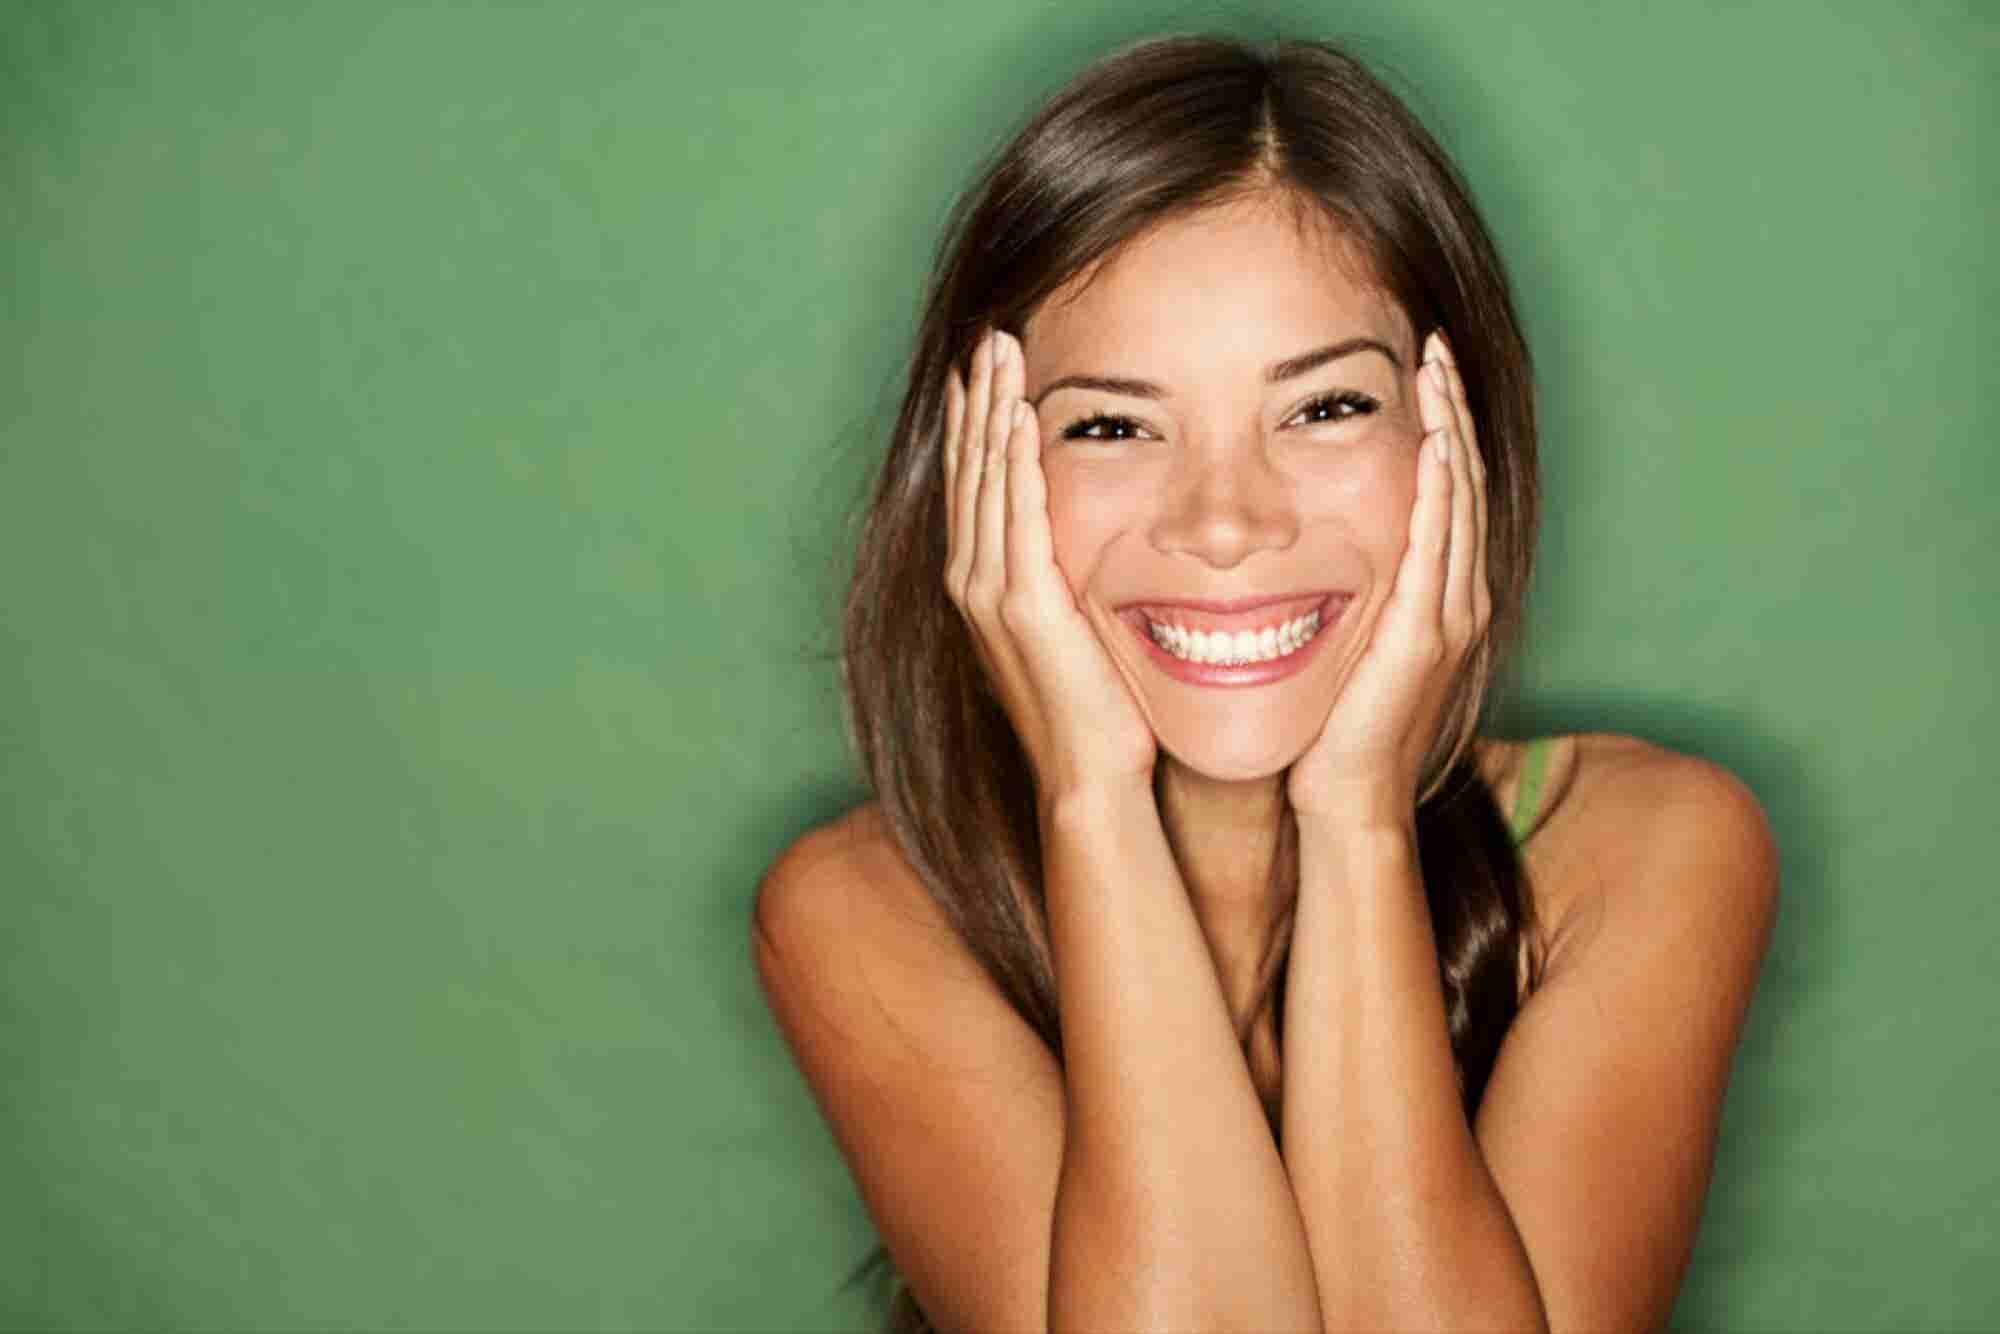 15 cosas por hacer que te harán sonreír siempre